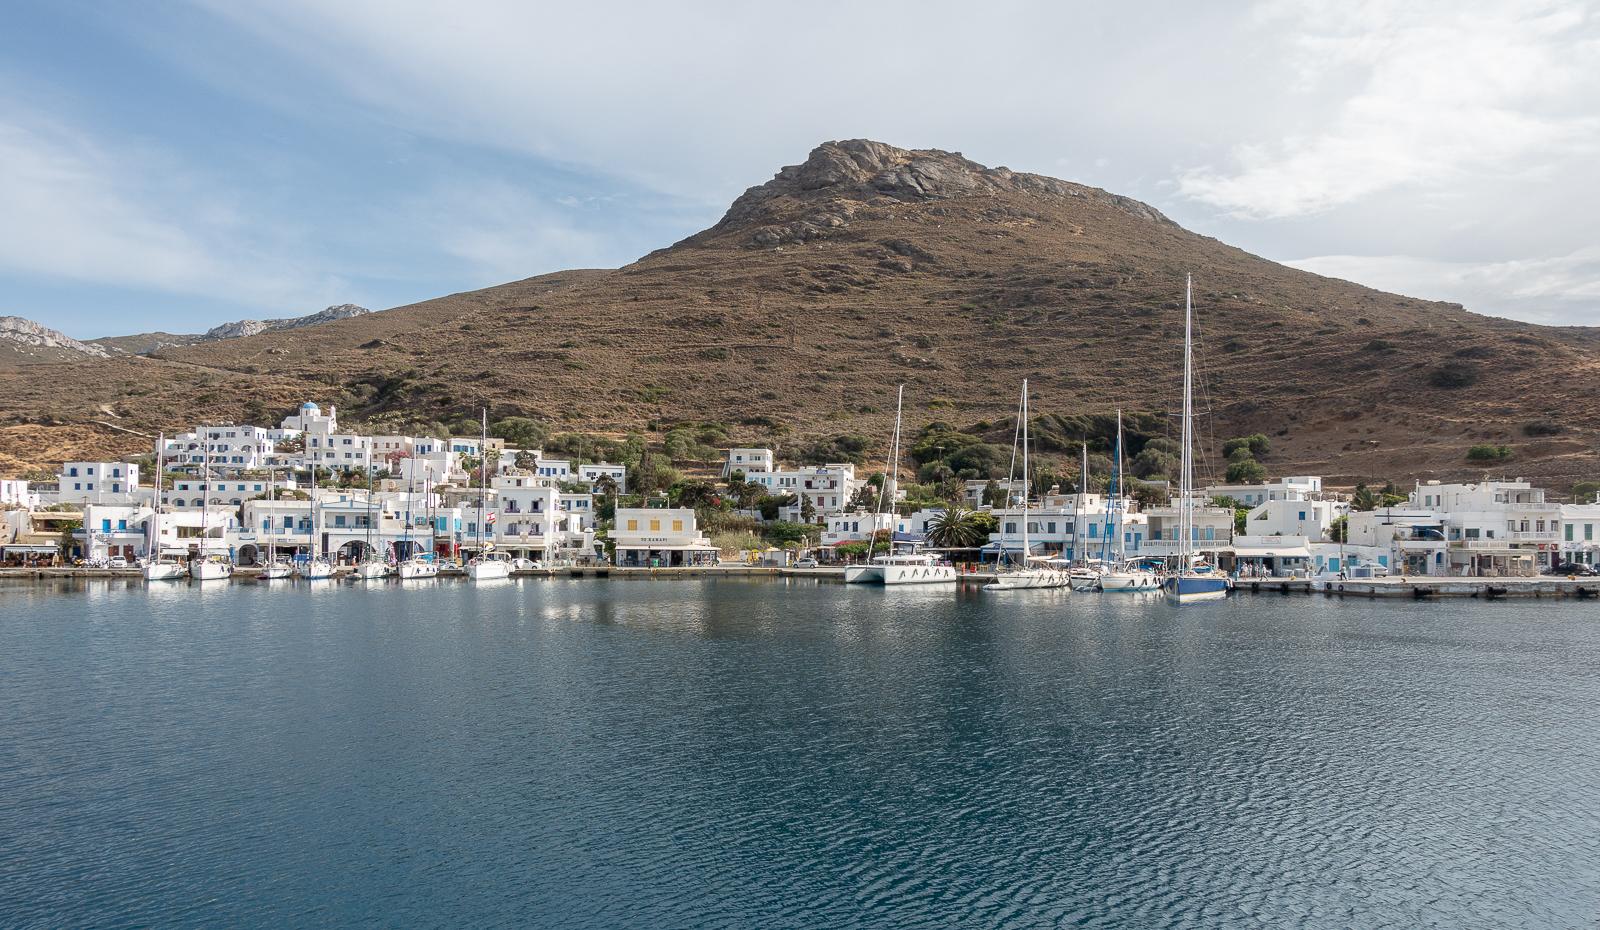 Itinéraire d'un voyage dans les Cyclades : port de Katapola à Amorgos. Partis pour la Grèce